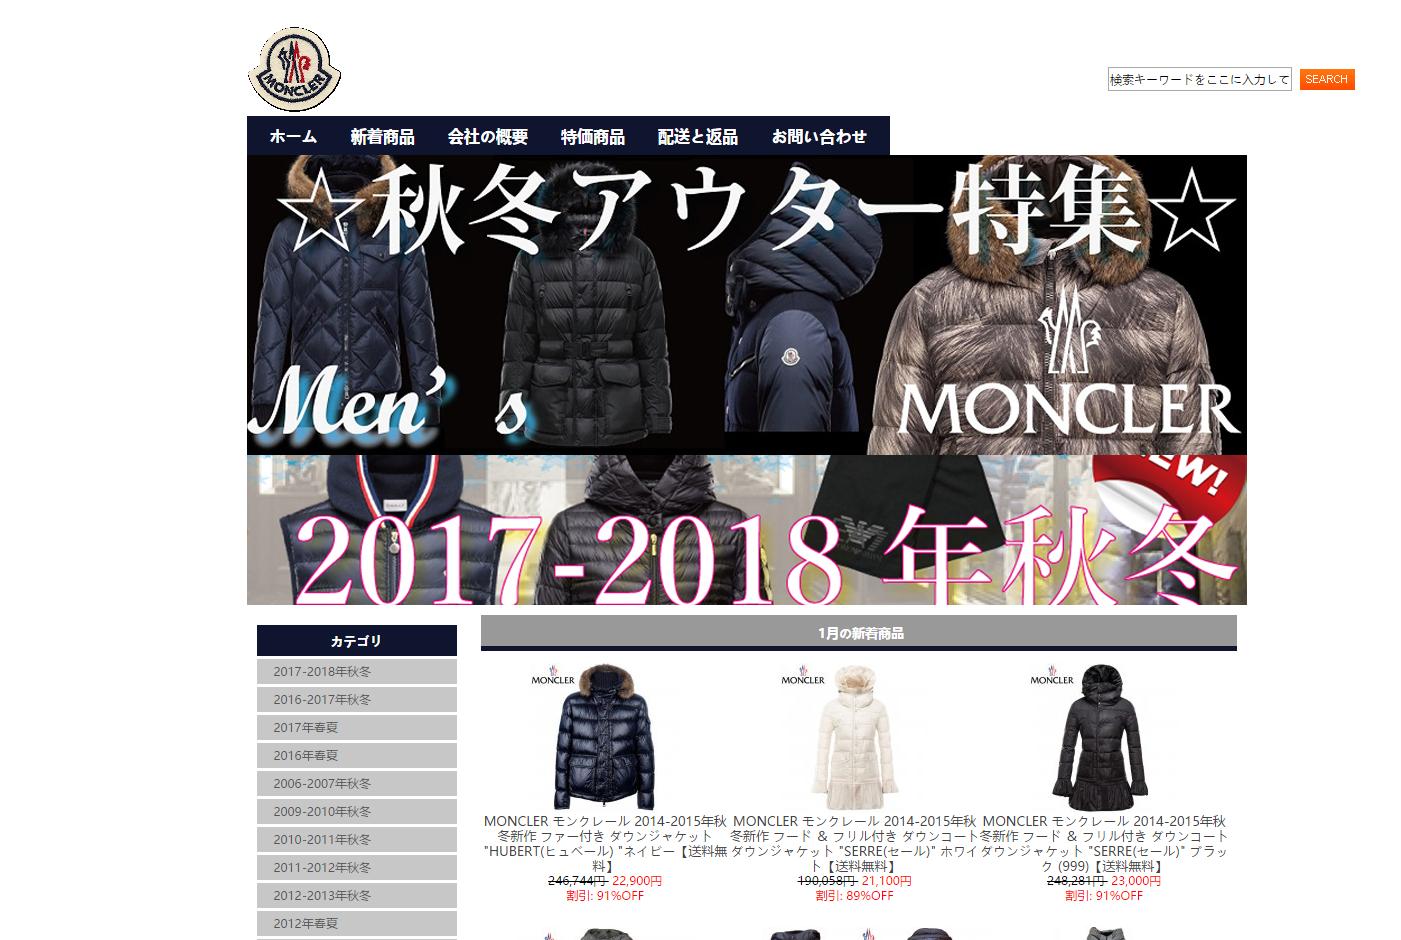 モンクレールの詐欺サイト